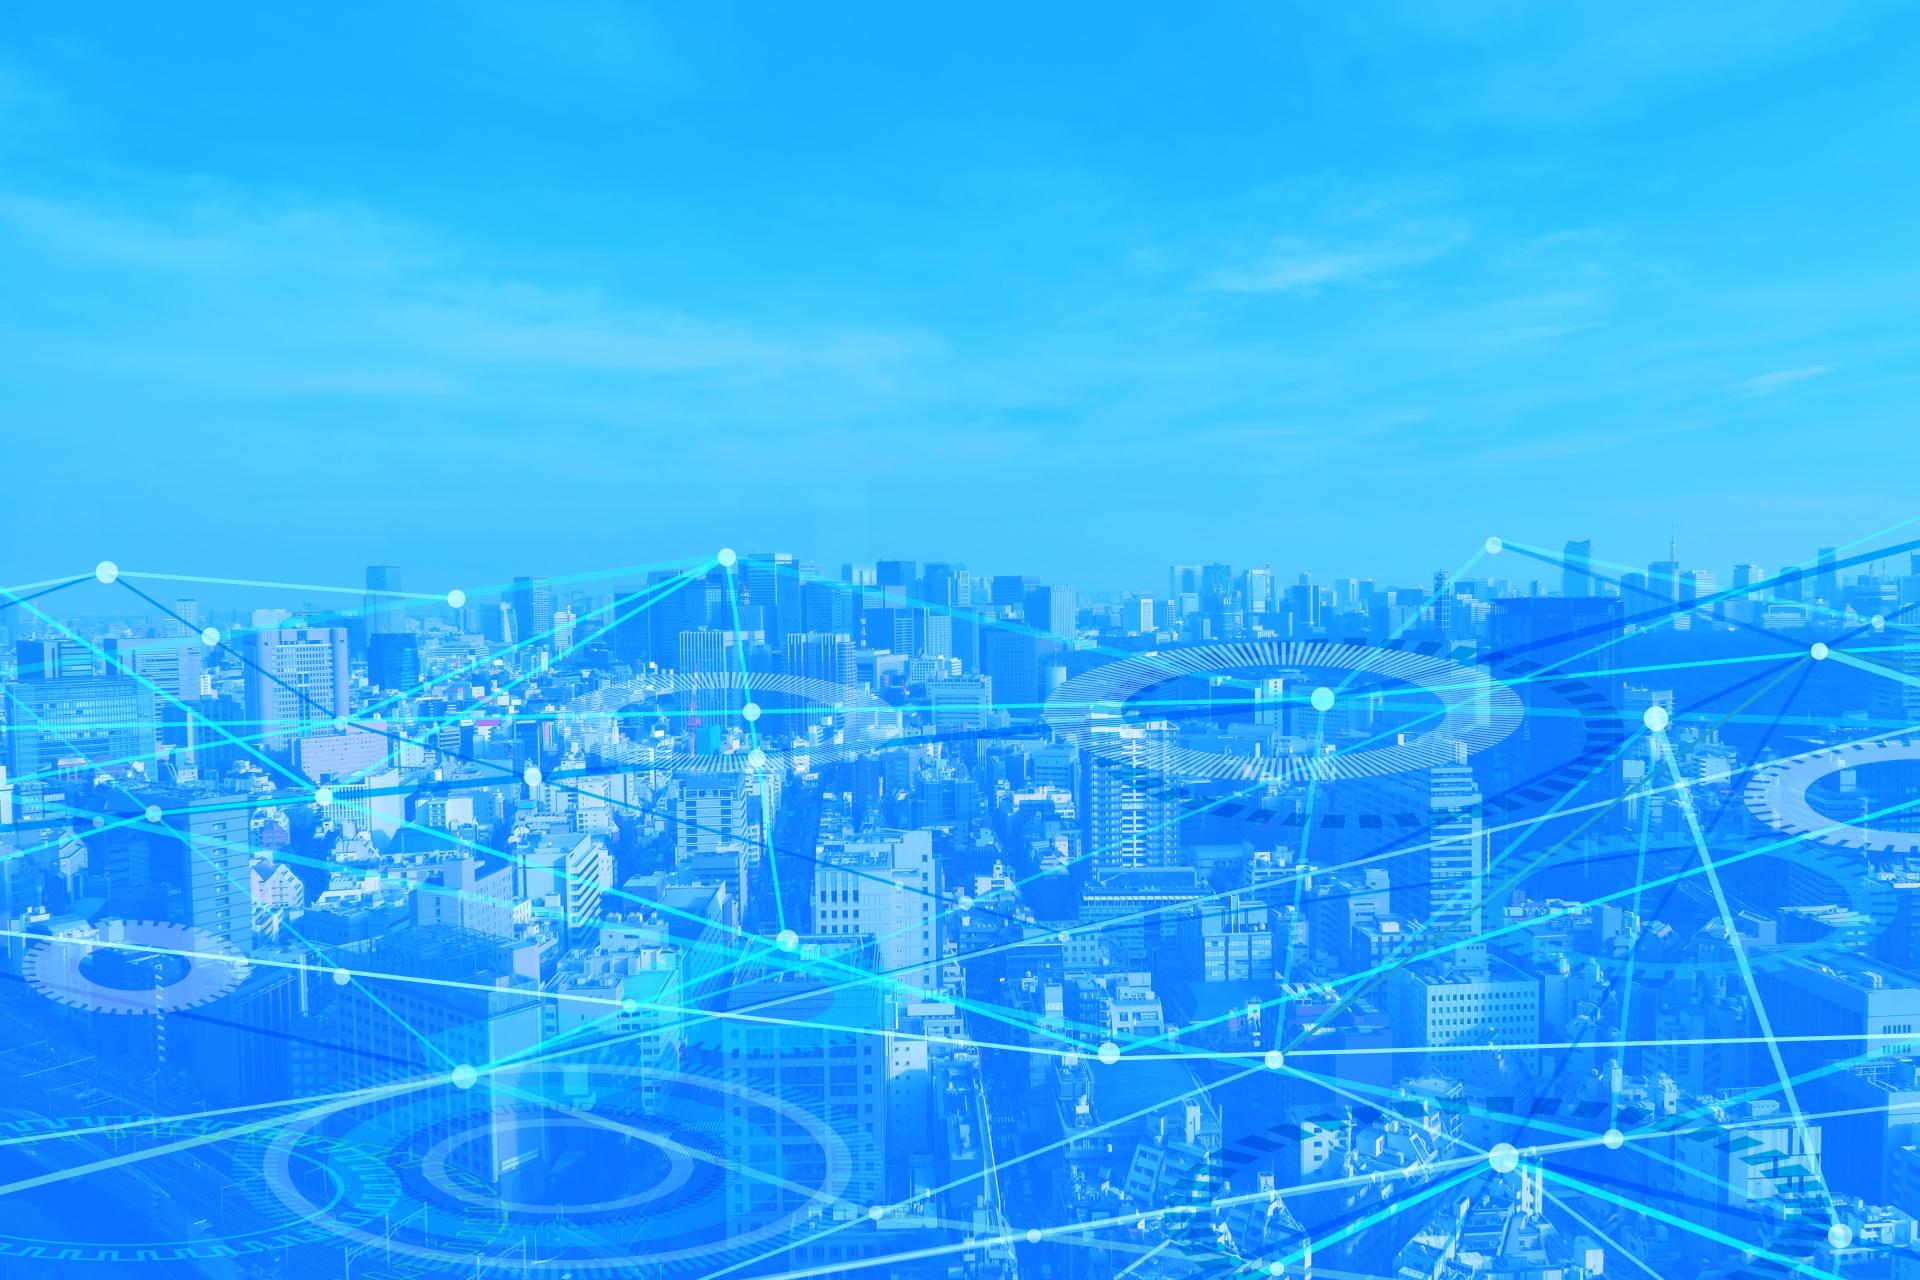 TOKAIコミュニケーションズ様「ICT EXPO 2018」に出展いたします。